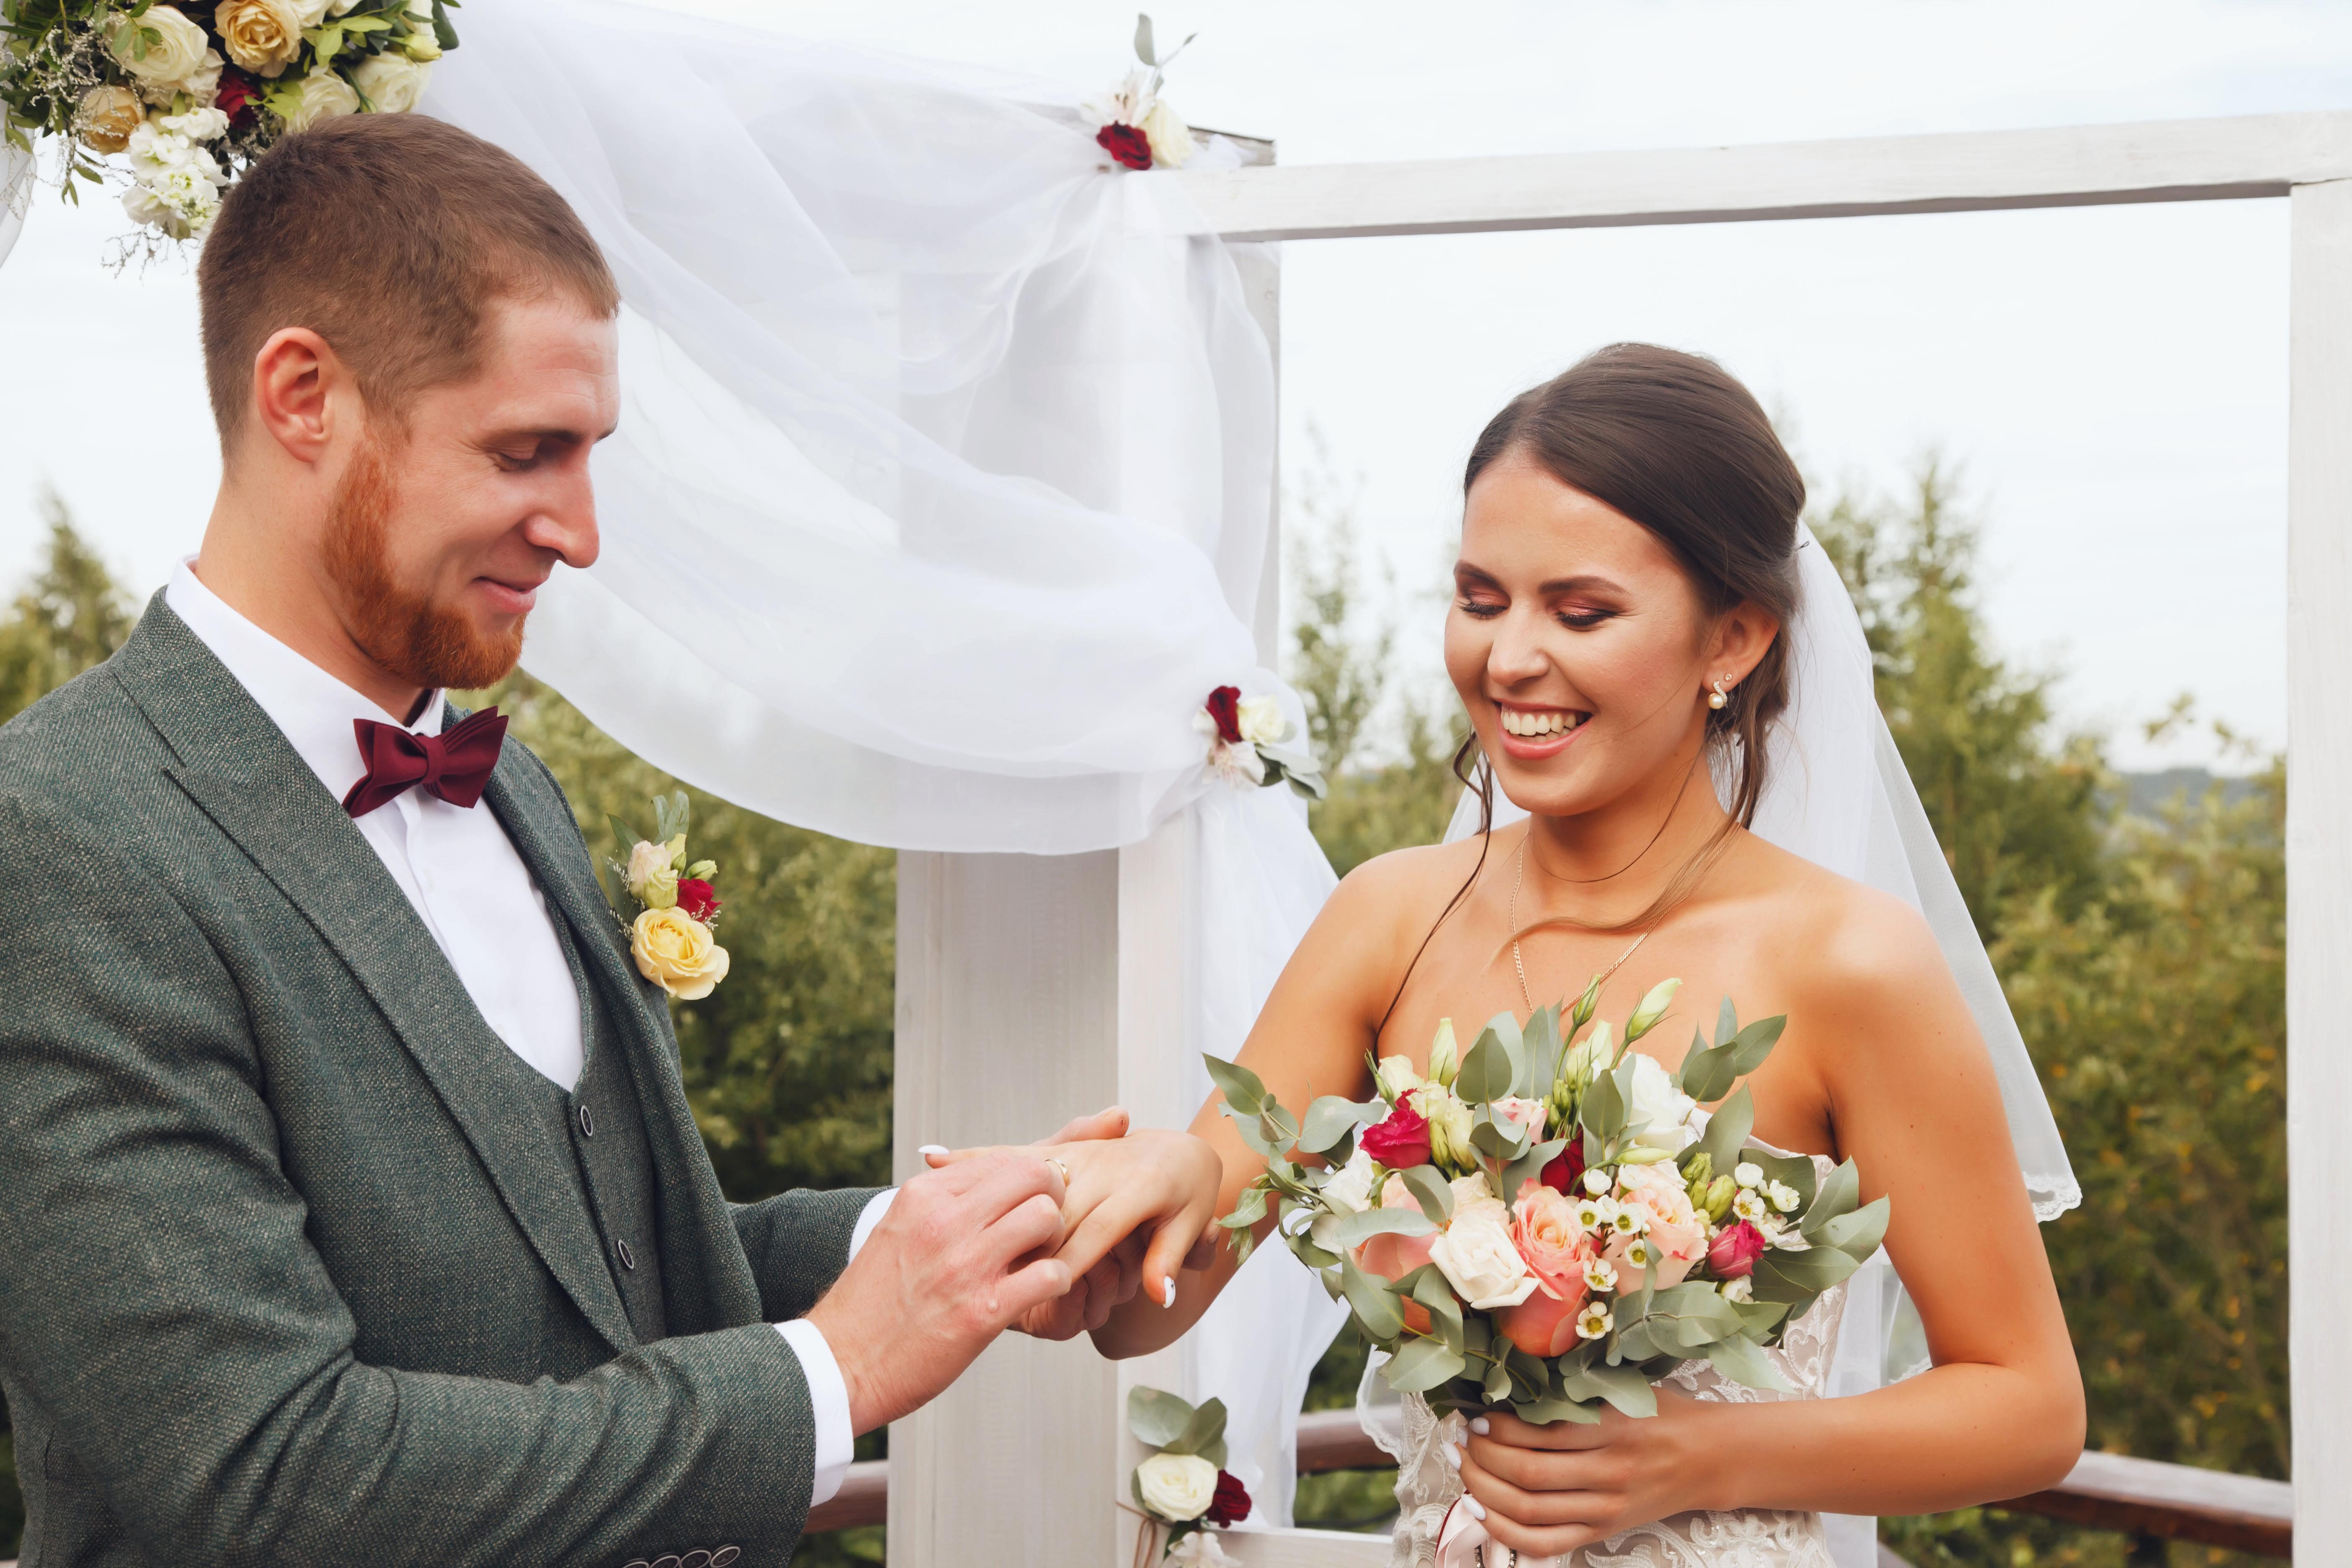 Вступление в брак как возможность получить гражданство Франции для иностранца